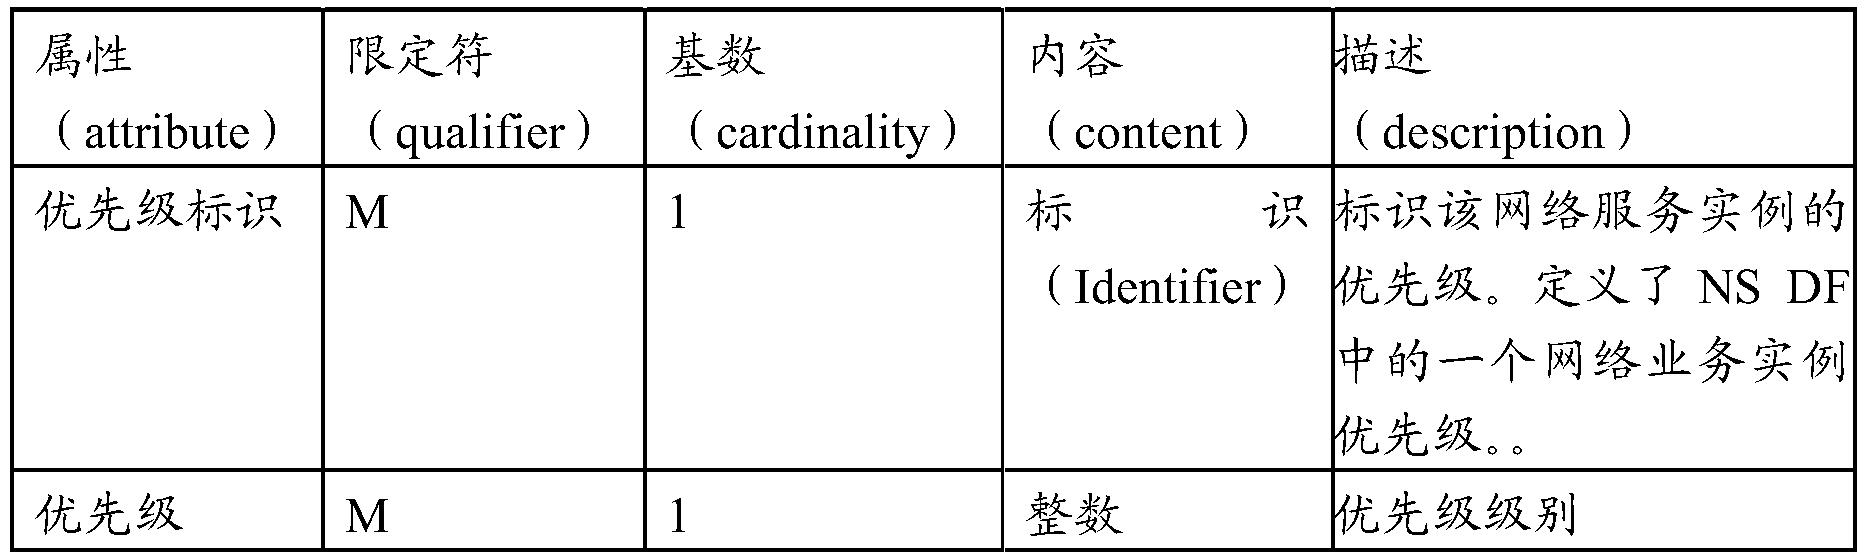 Figure PCTCN2018079150-appb-000003